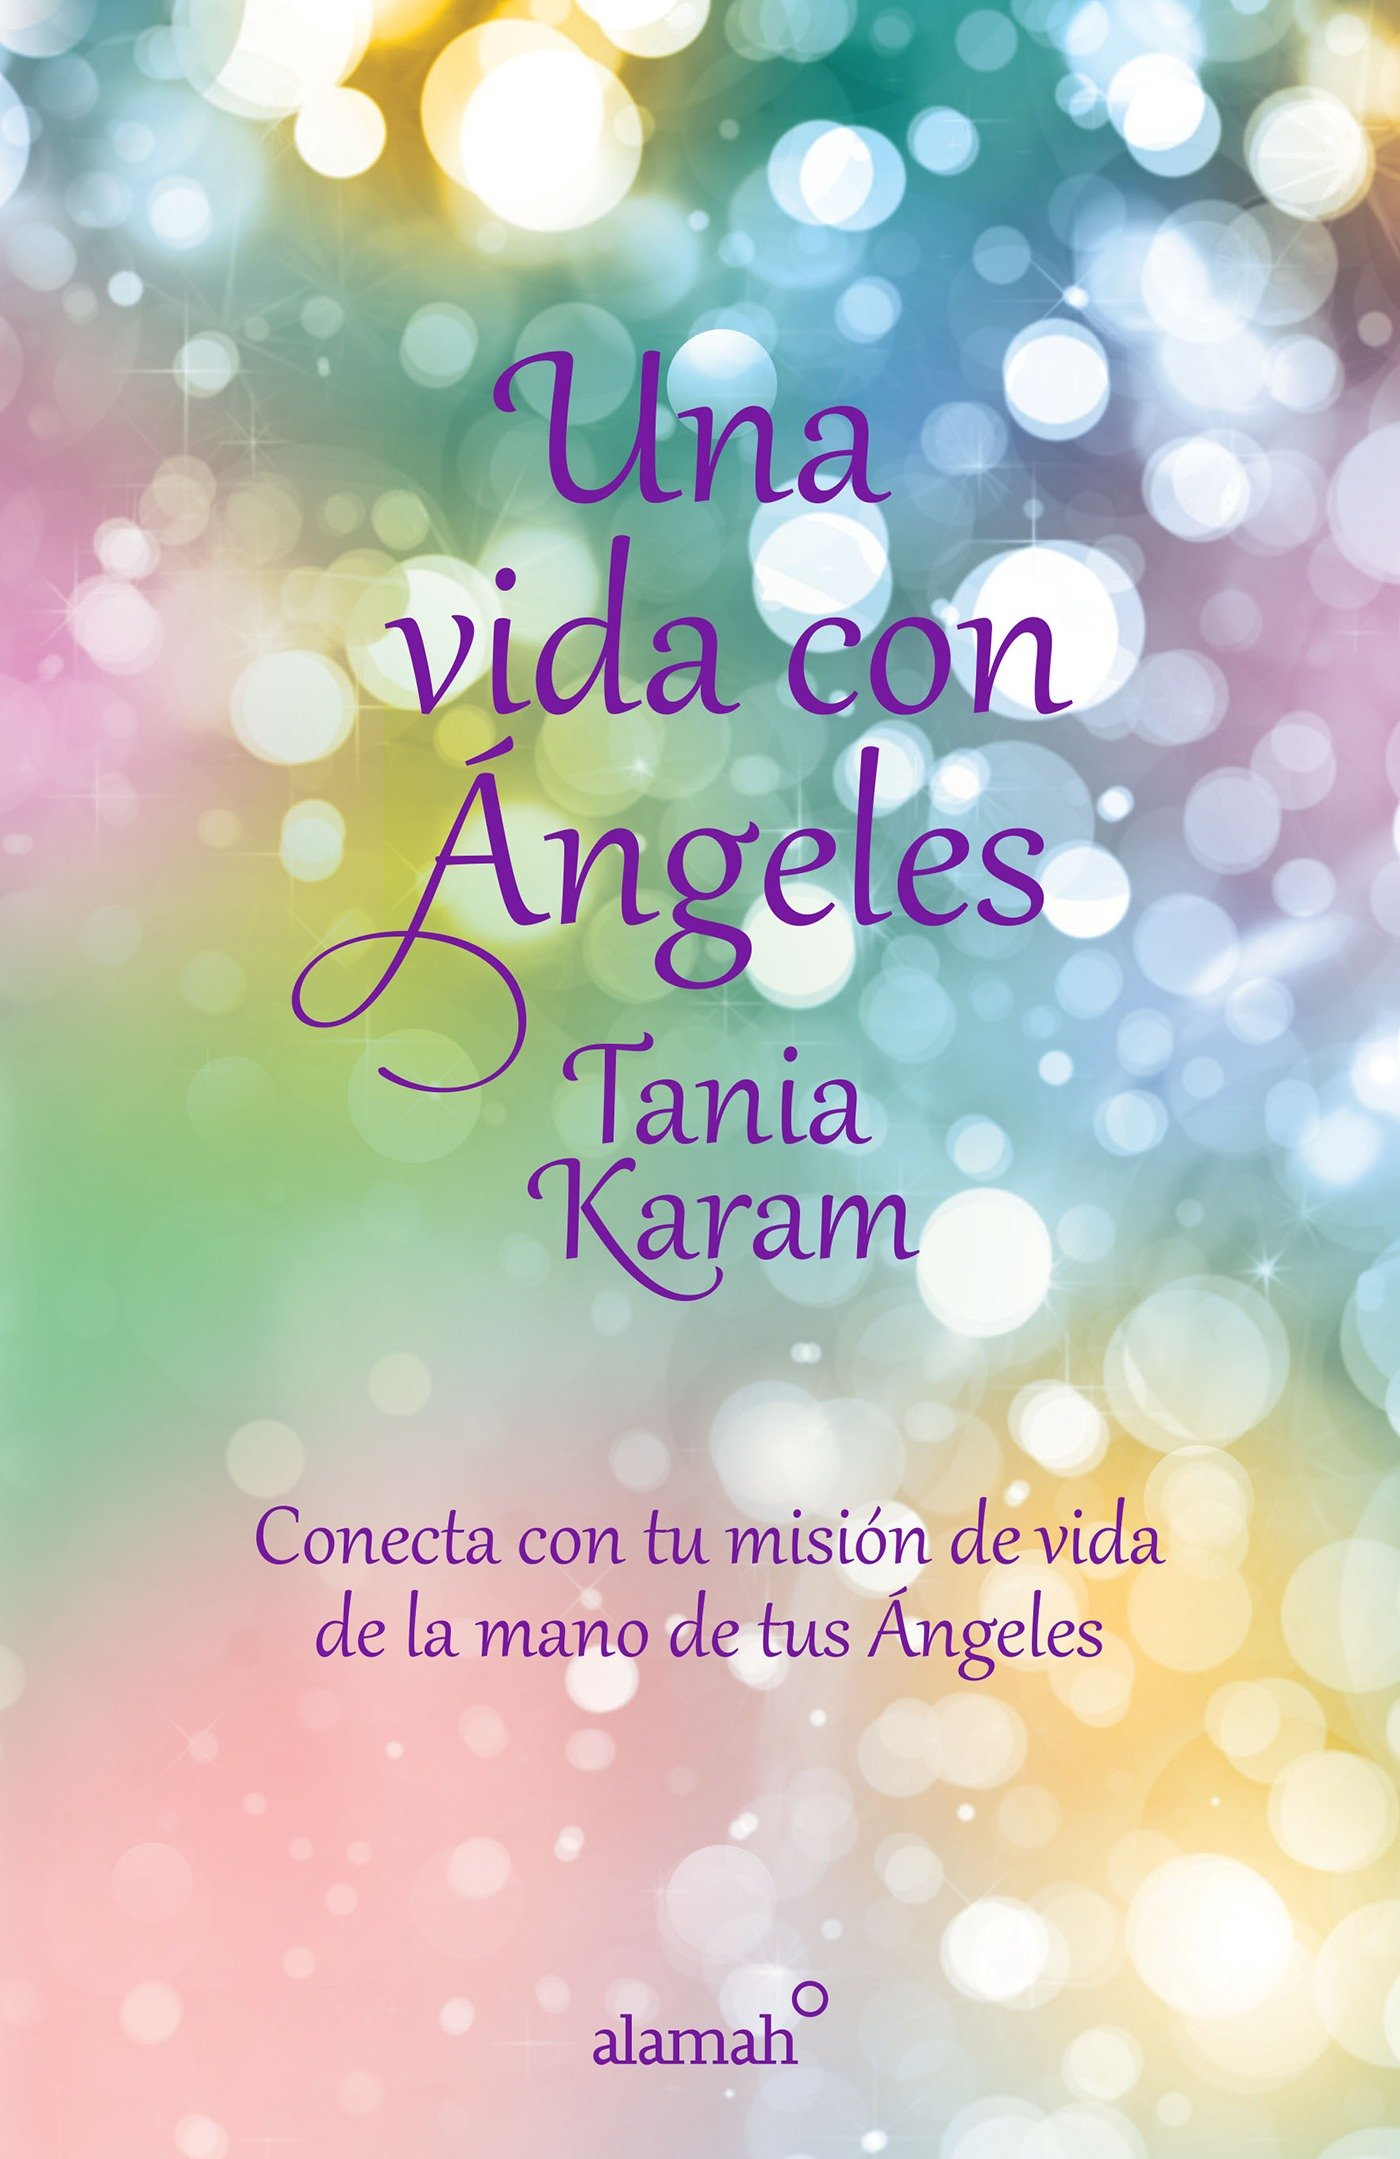 Una vida con ángeles/ Life with Angels: Conecta Con Tu Mision De Vida De La Mano De Tus Angeles: Amazon.es: Tania Karam: Libros